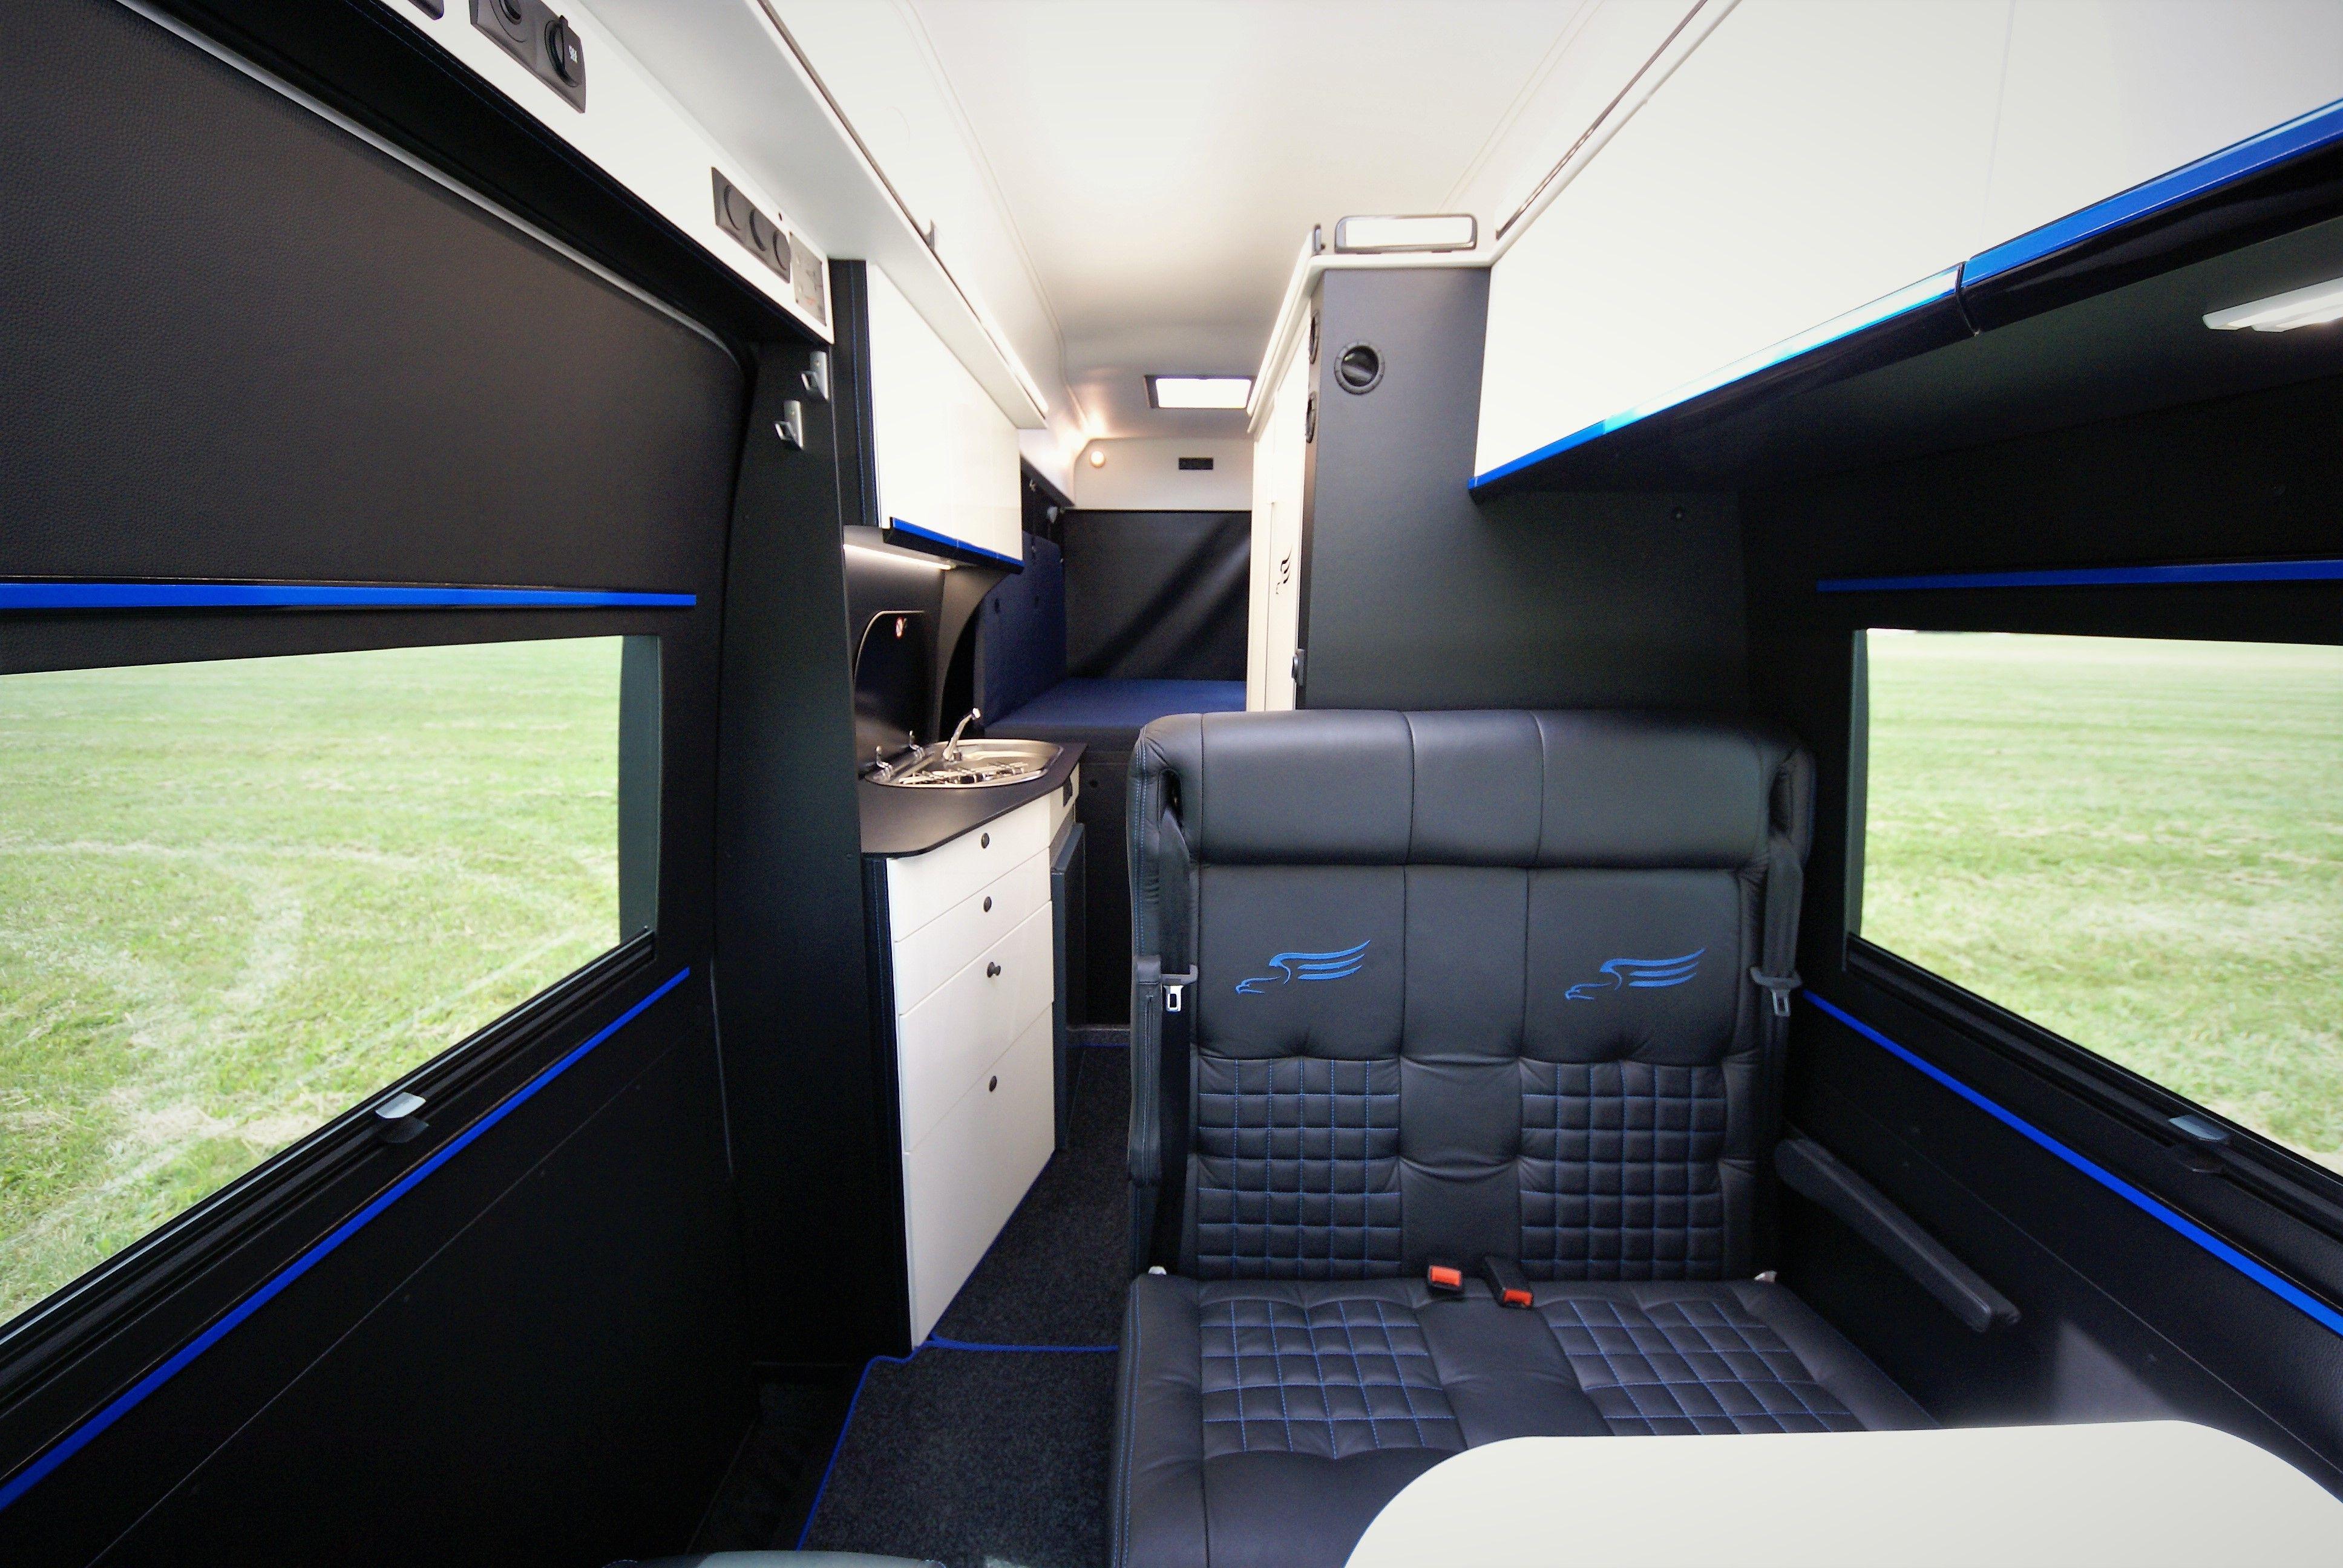 Luxusní koupelna a velká garáž v obytném vozu